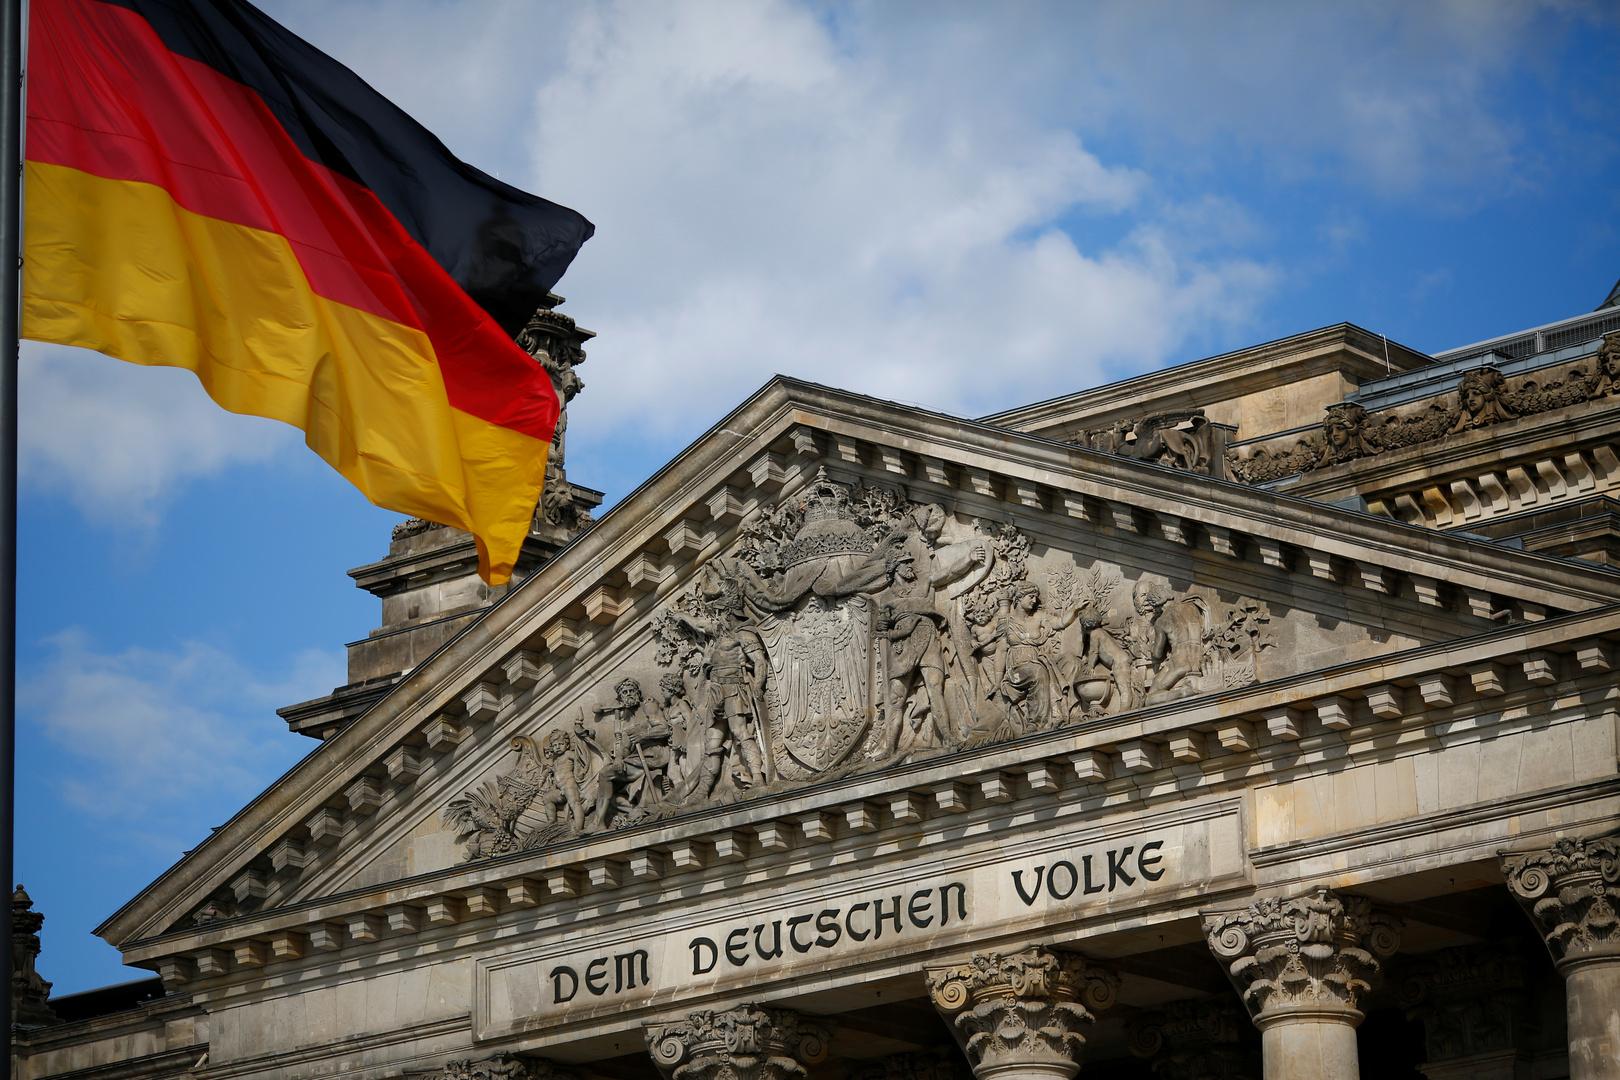 ألمانيا تشتري بيانات عن أصول في دبي لمكافحة التهرب الضريبي